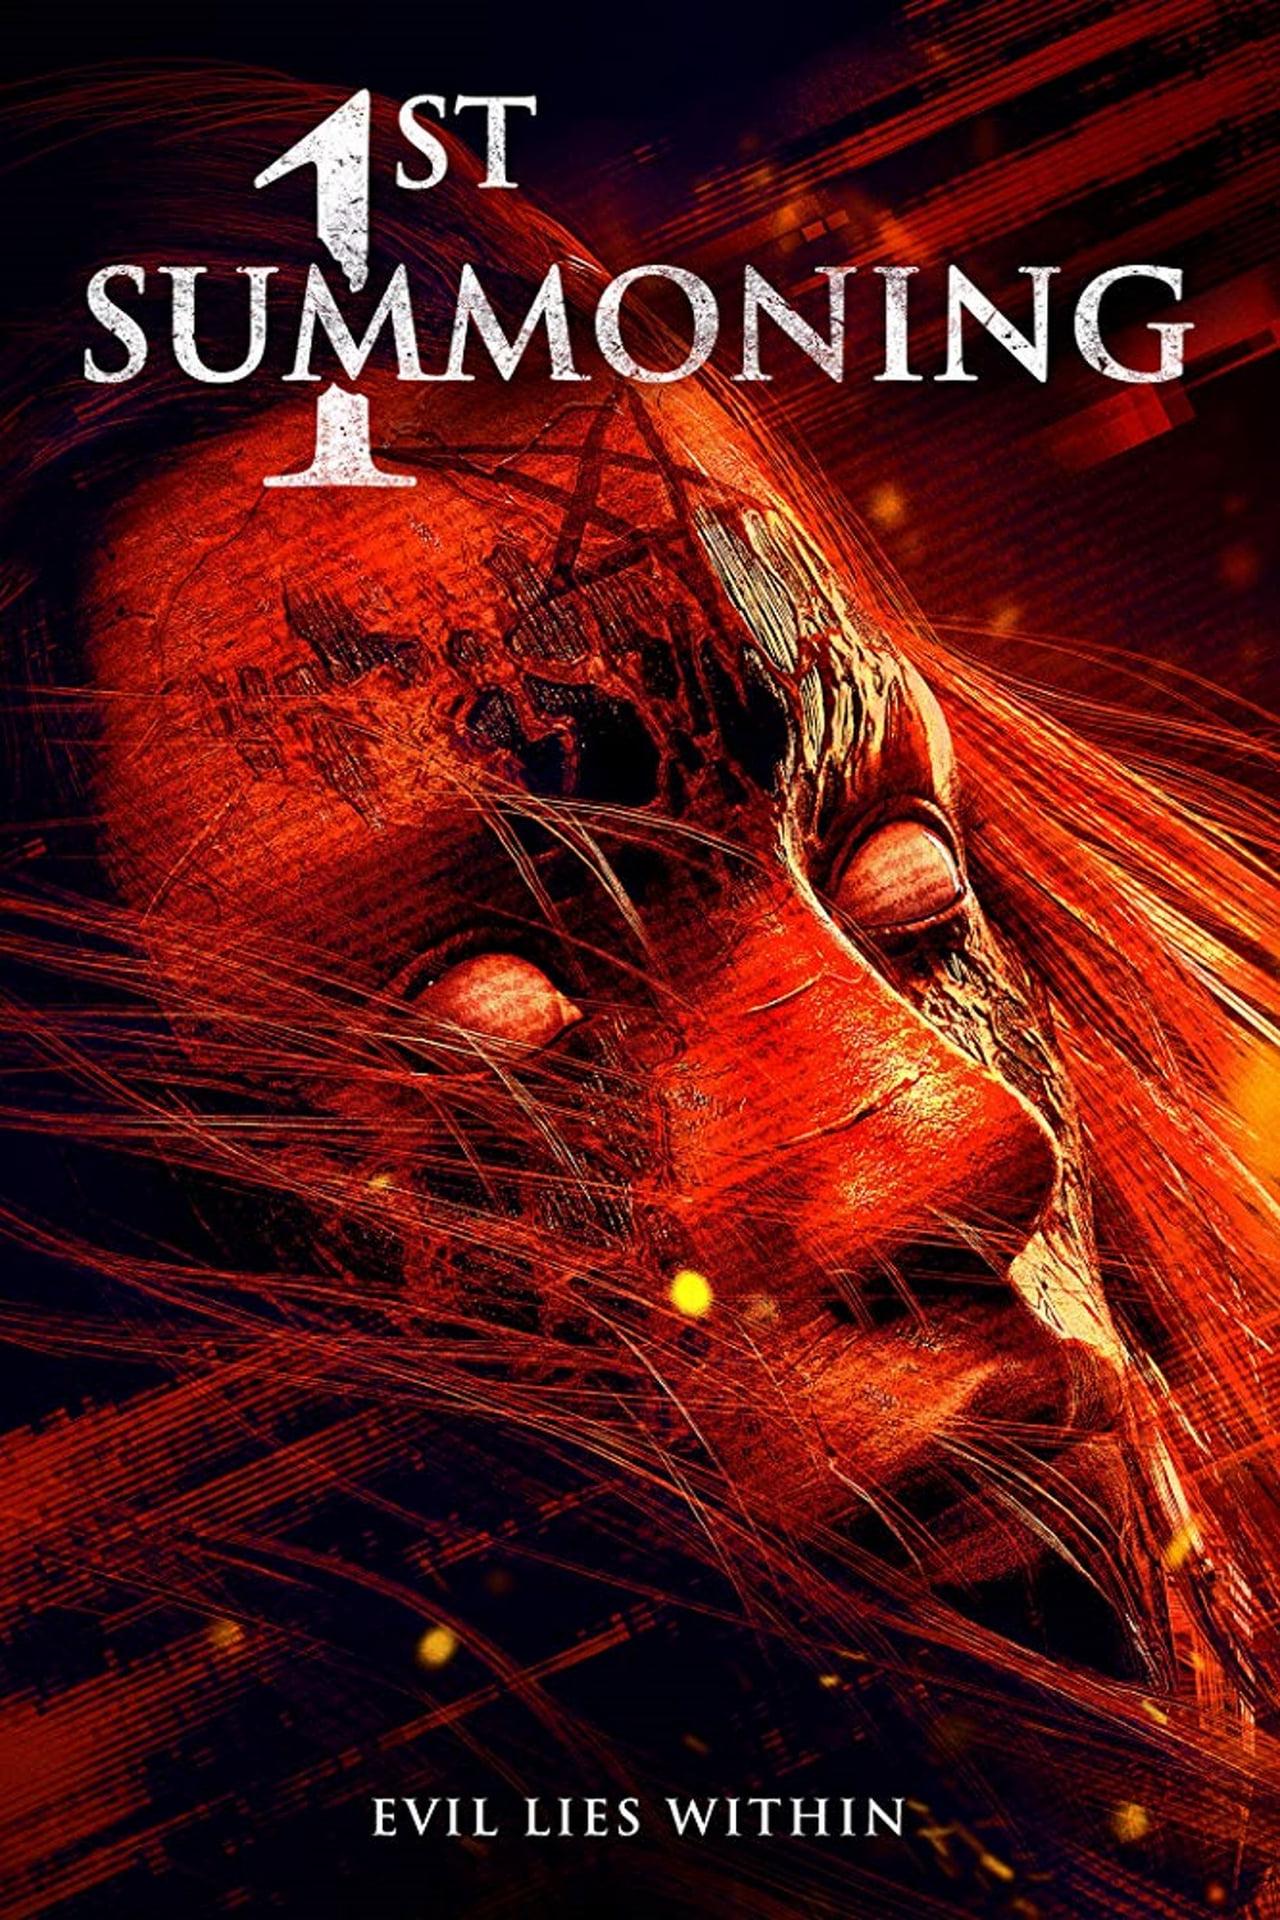 1st Summoning image